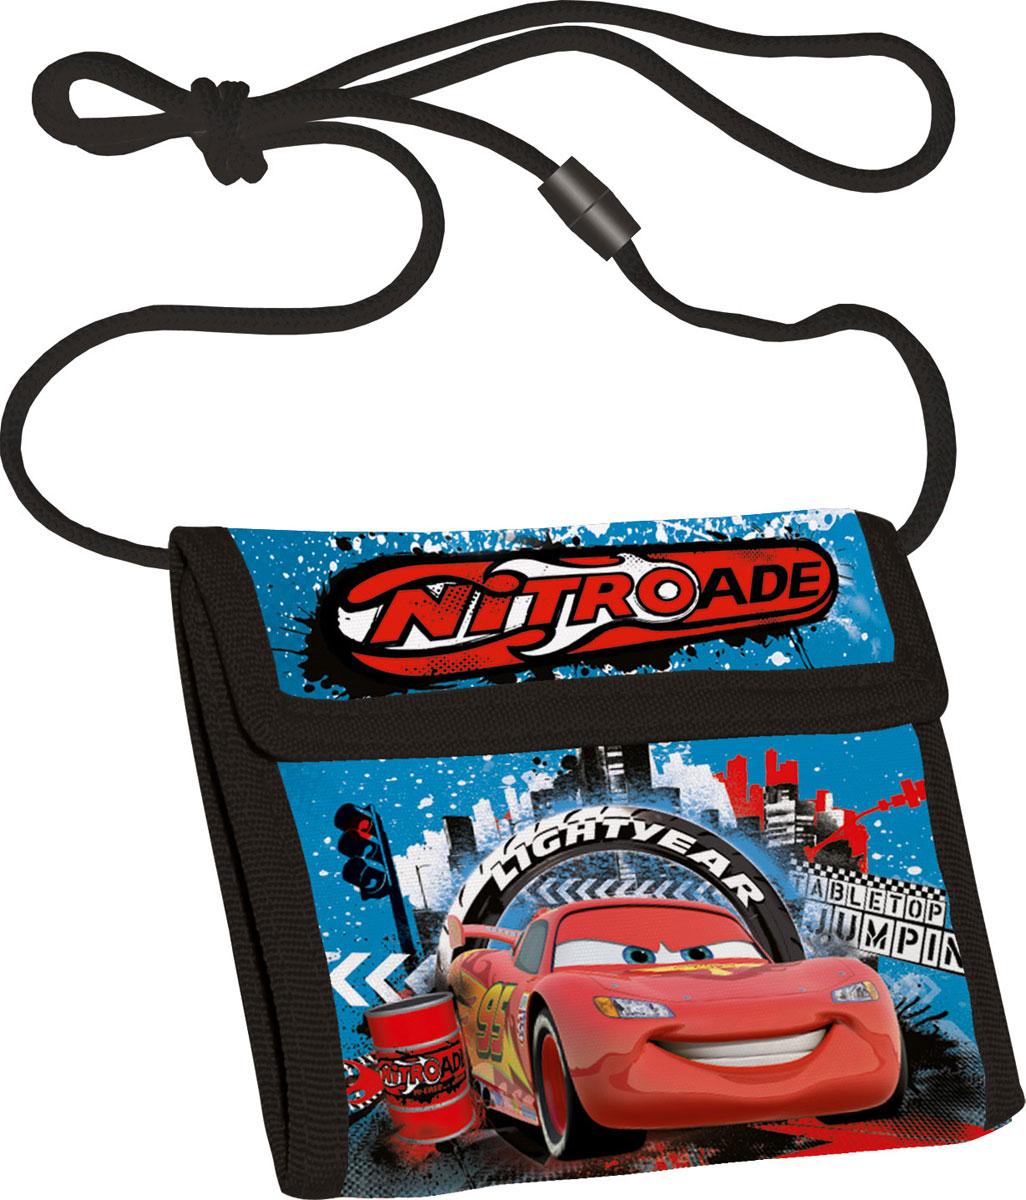 Кошелек детский Cars, цвет: синийCRCB-MT1-022Яркий детский кошелек Cars выполнен из полиэстера и оформлен красочным рисунком. Внутри кошелек оснащен отделением для денежных купюр и карманом на застежке-молнии. Кошелек складывается втрое и закрывается широким клапаном на липучку. На внутренней стороне предусмотрен шнурок, с помощью которого изделие можно носить через плечо или на шее. Кошелек Cars станет надежным спутником для вашего ребенка!